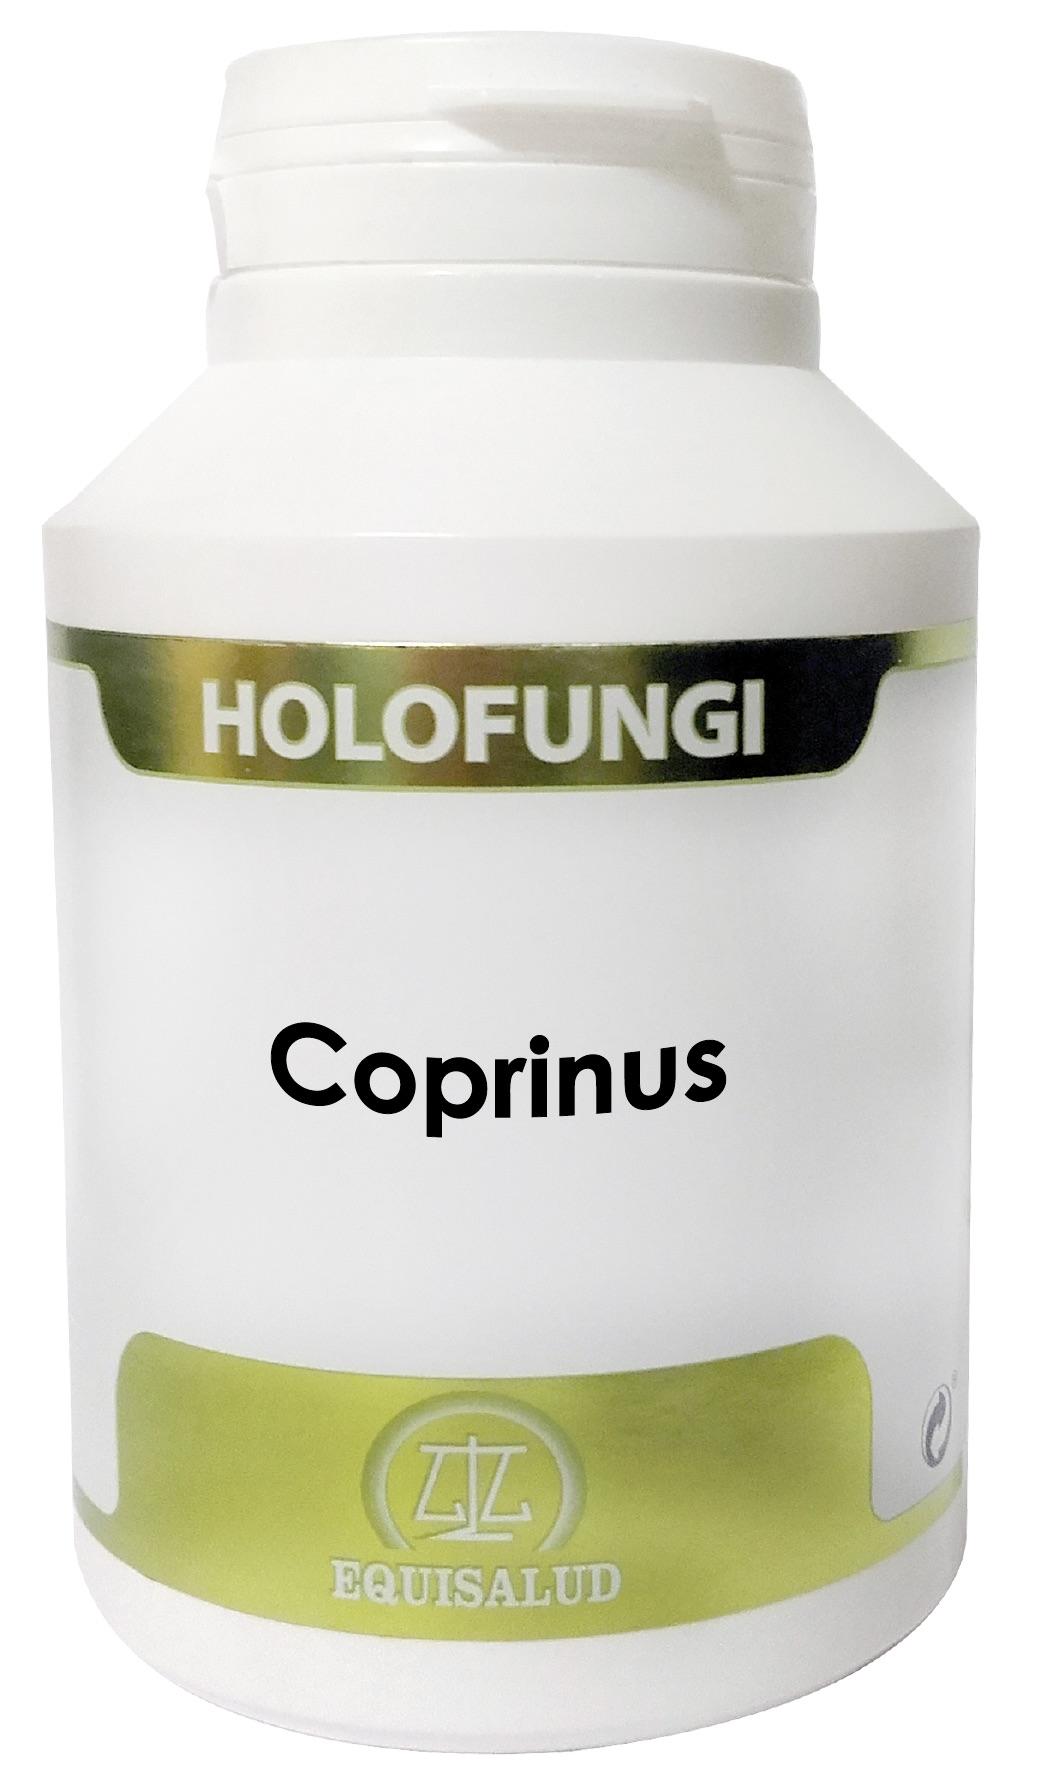 holofungi_coprinus_180.jpg